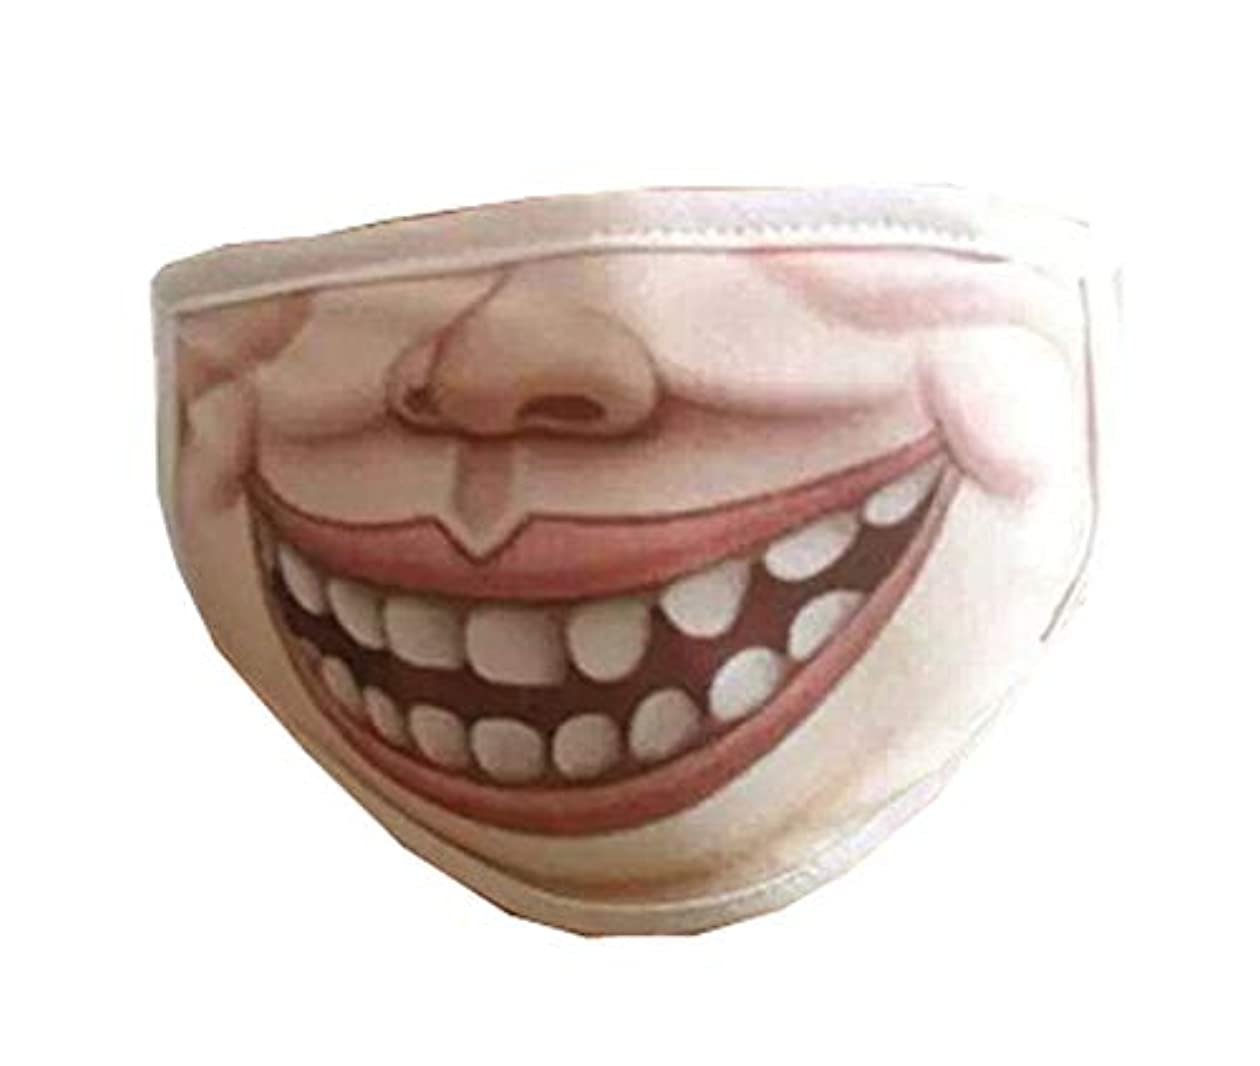 ビット無知の慈悲で面白い口のマスク、かわいいユニセックス顔の十代のマスク(G2)